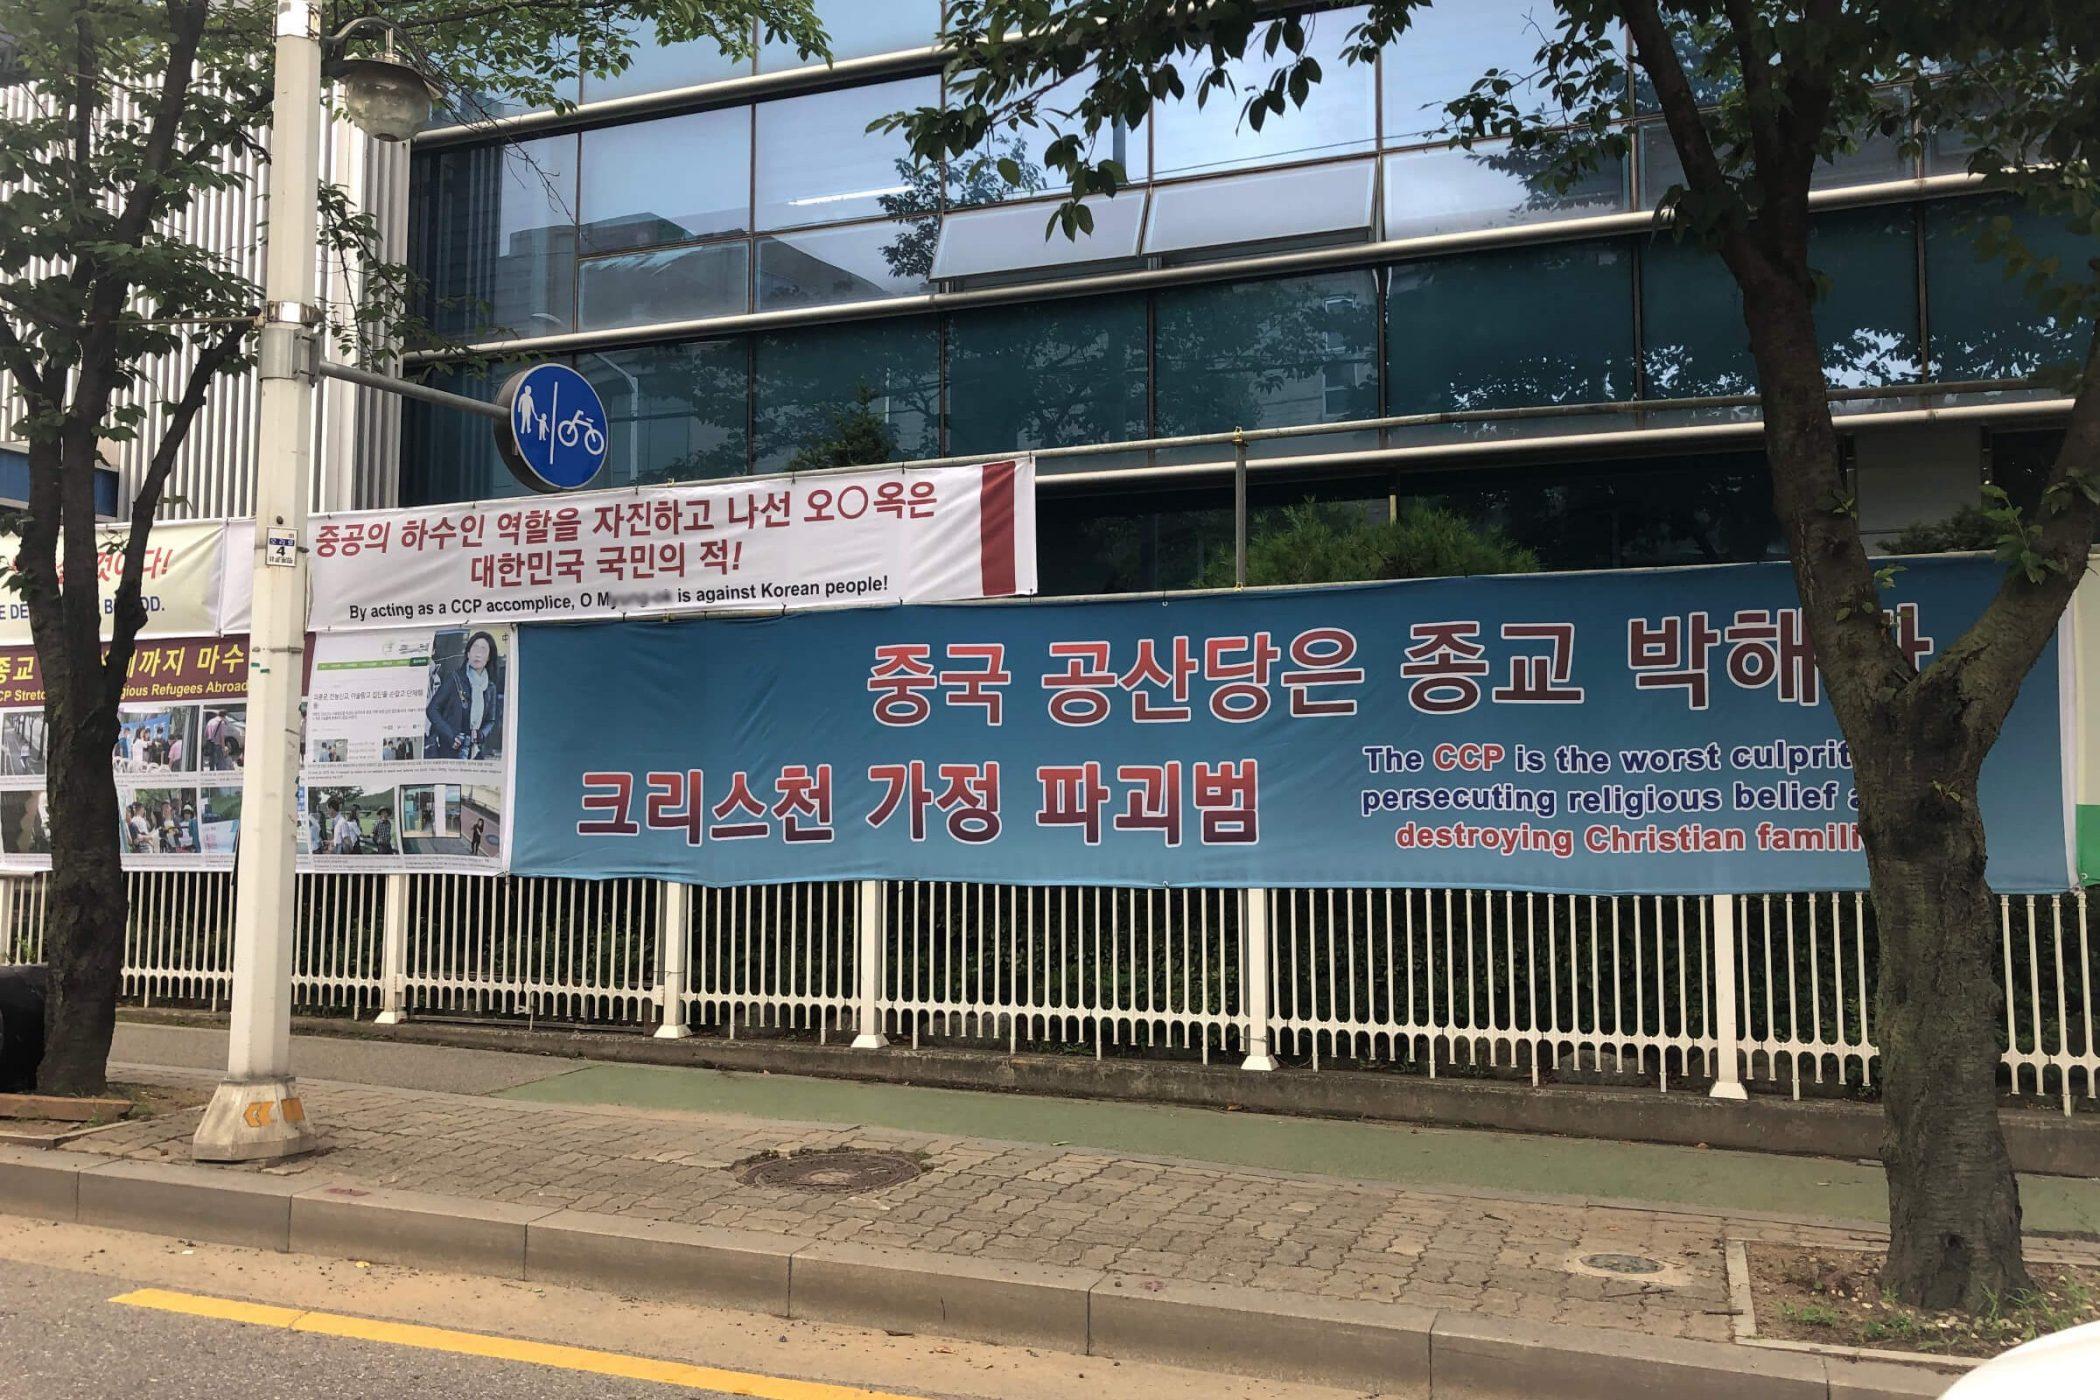 横幅标语:吴O玉充当中共的帮凶就是与韩国人民为敌!